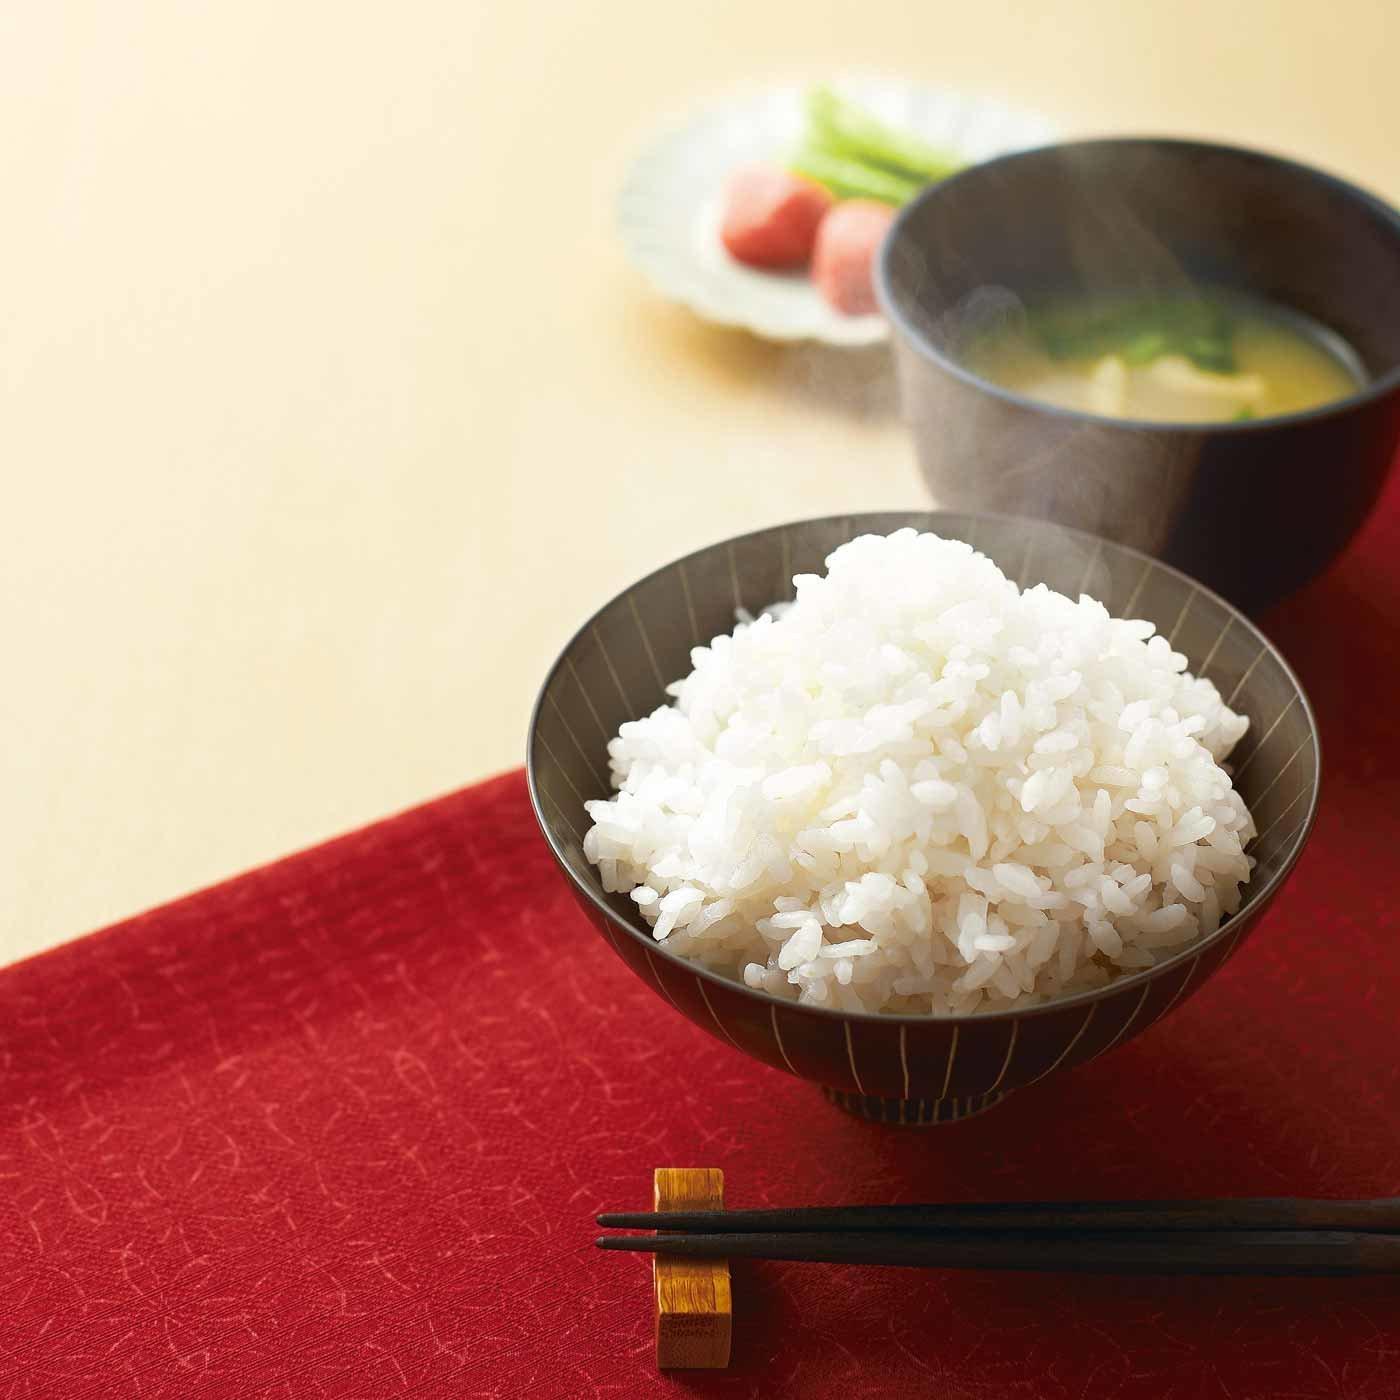 厳選玄米三銘柄食べくらべ 卓上型コンパクト精米機 無料レンタル付きコース(毎月お届け)